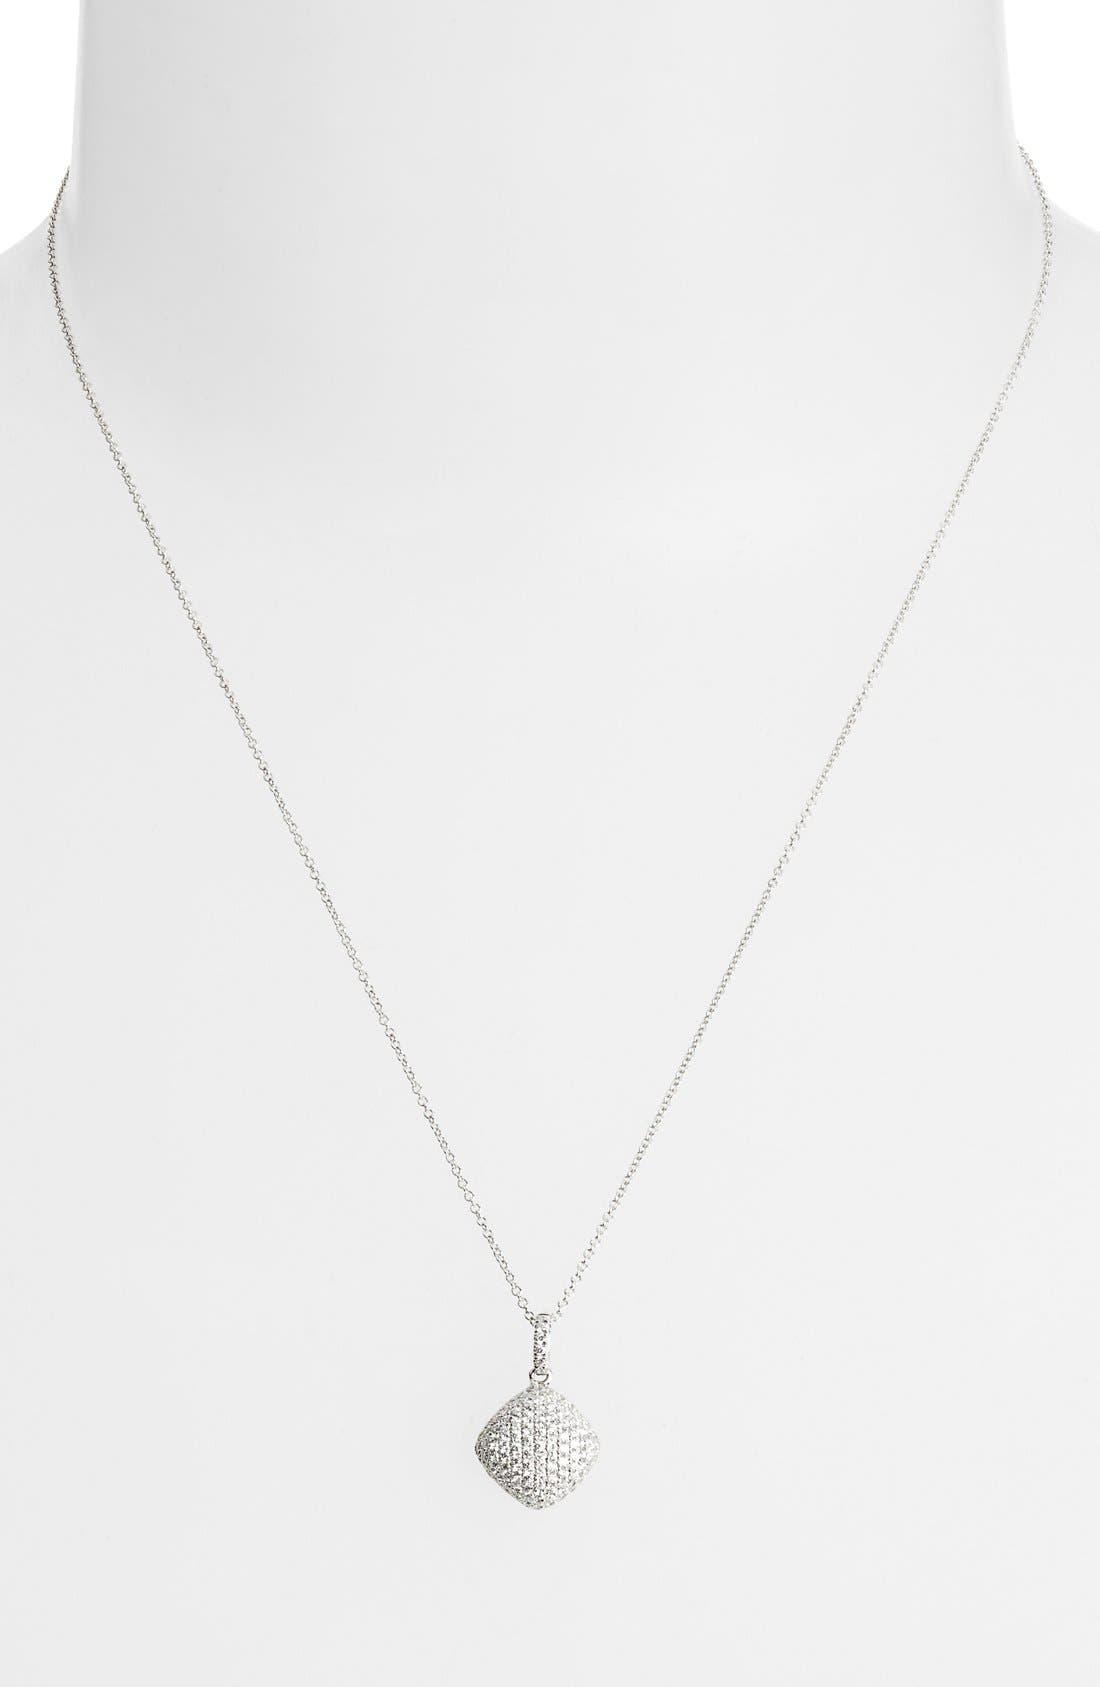 Pavé Diamond Pendant Necklace,                         Main,                         color, White Gold